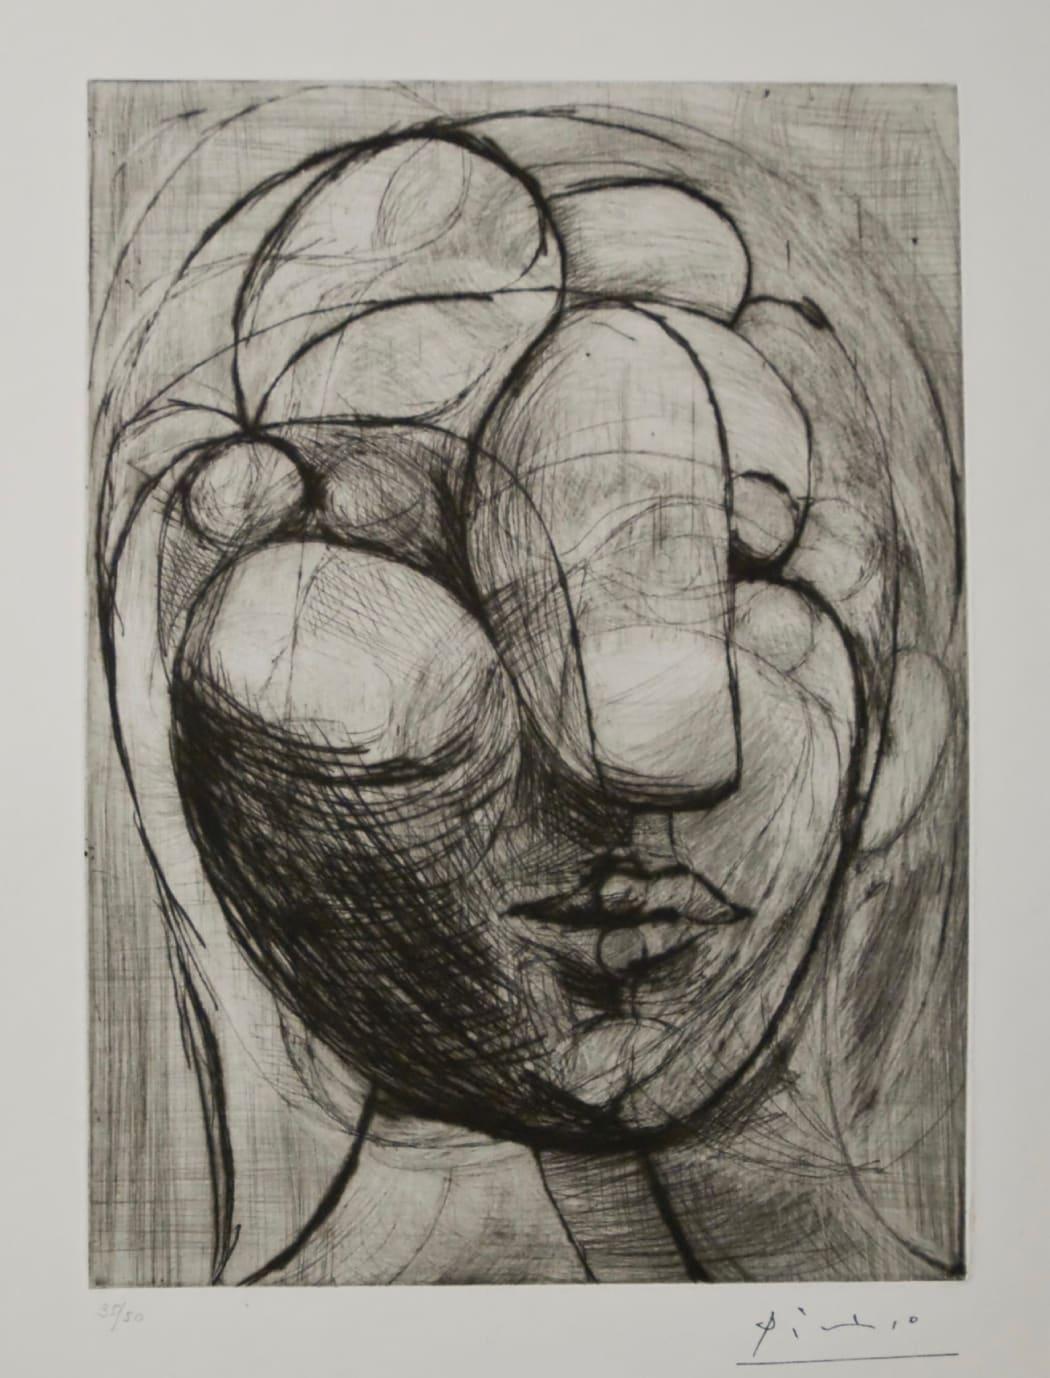 Sculpture, Tête de Marie-Thérèse B250, 1933, drypoint, 18 3/8 x 14 1/2 inches